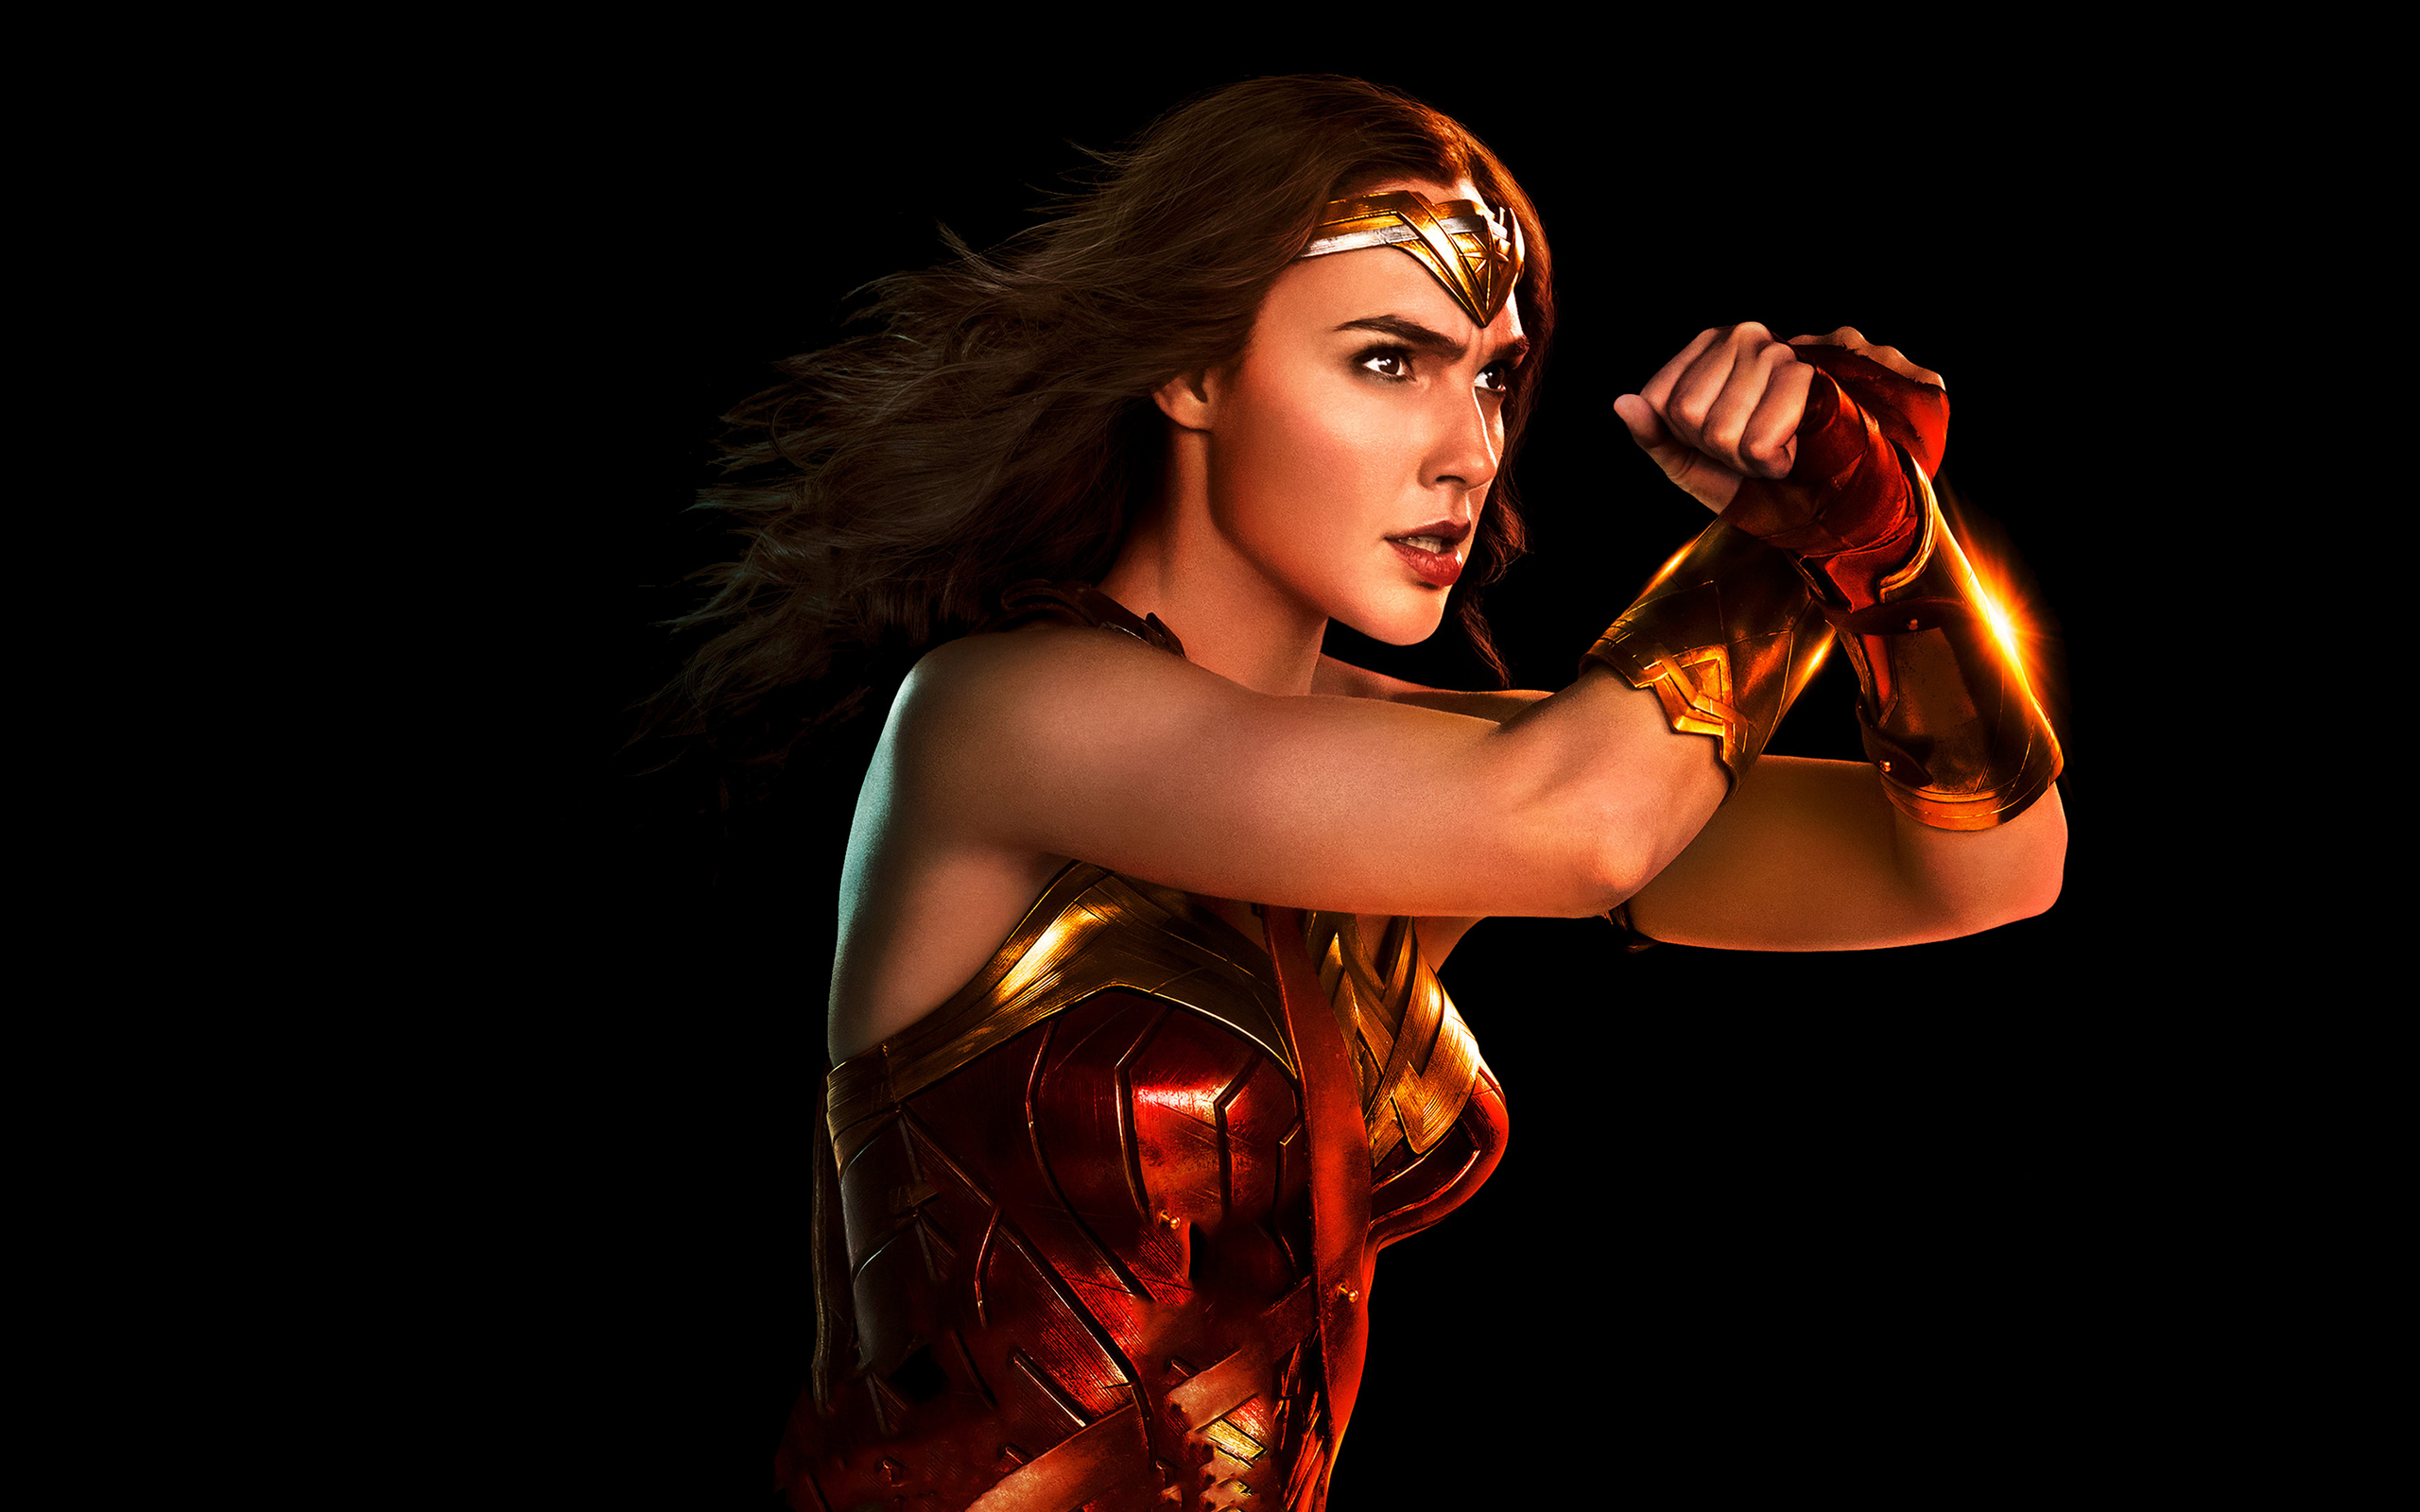 wonder-woman-justice-league-2017-4k-lu.jpg